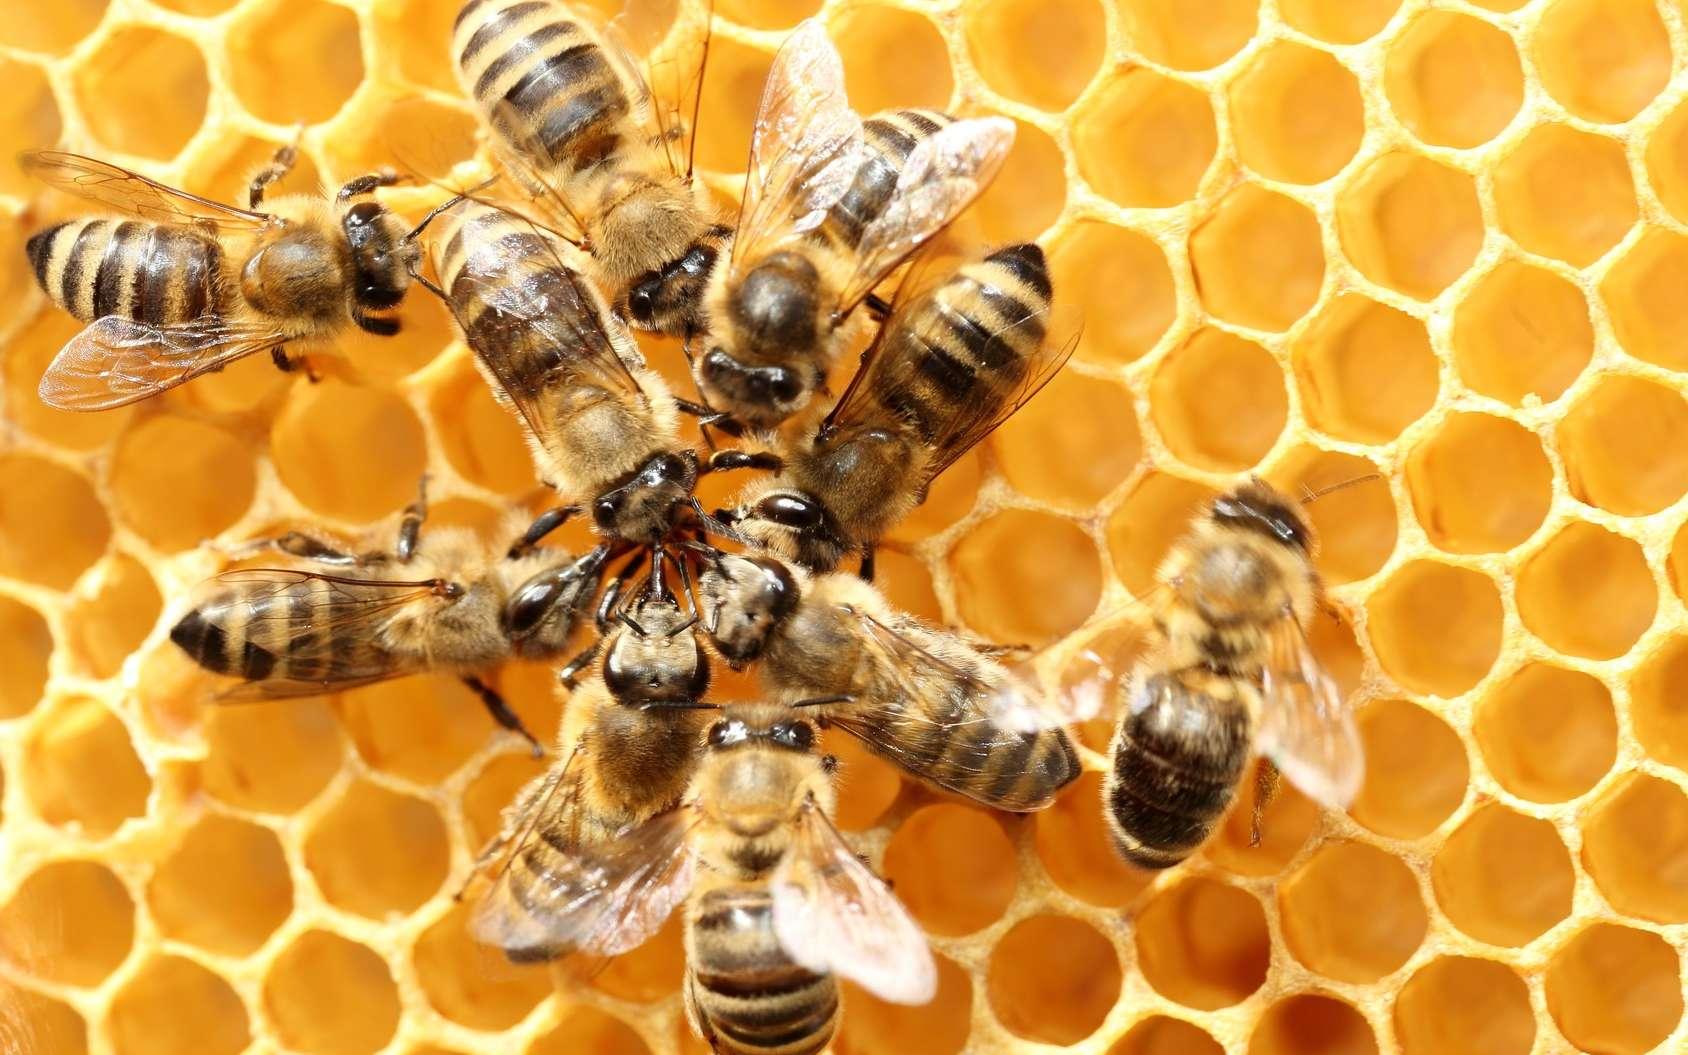 L'Efsa a confirmé que trois pesticides néonicotinoïdes étaient dangereux pour certains animaux. Ainsi, les abeilles qui sont près des champs de maïs traités vivent moins longtemps. © rupbilder, Fotolia